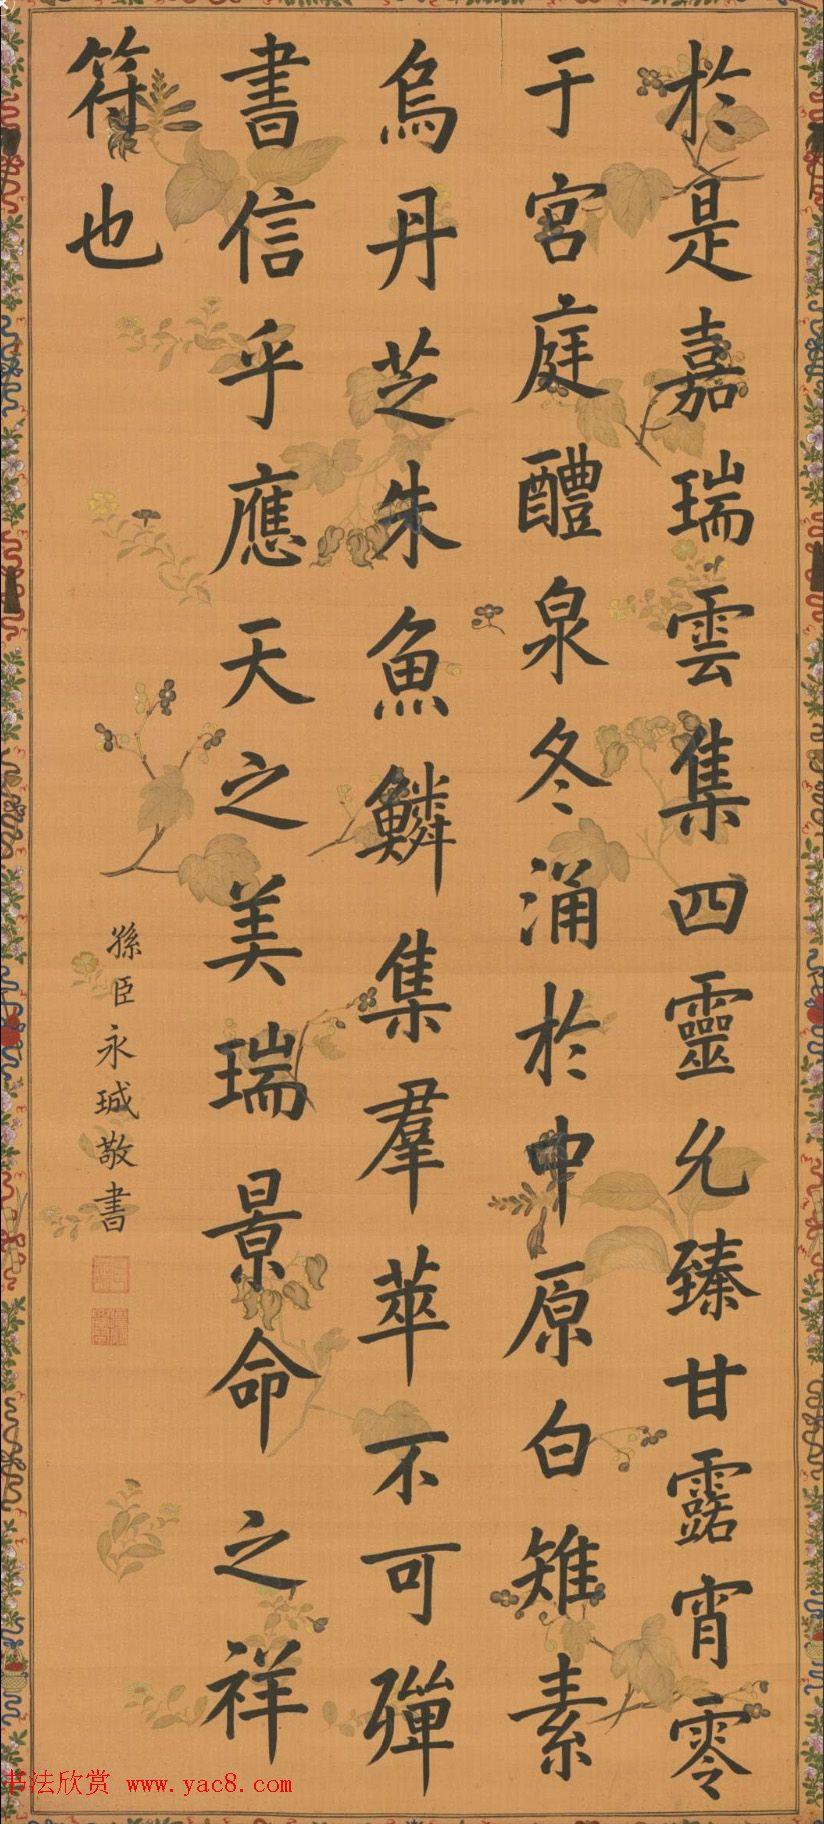 清朝3位皇子:永珹、永琪、永璂书法墨迹